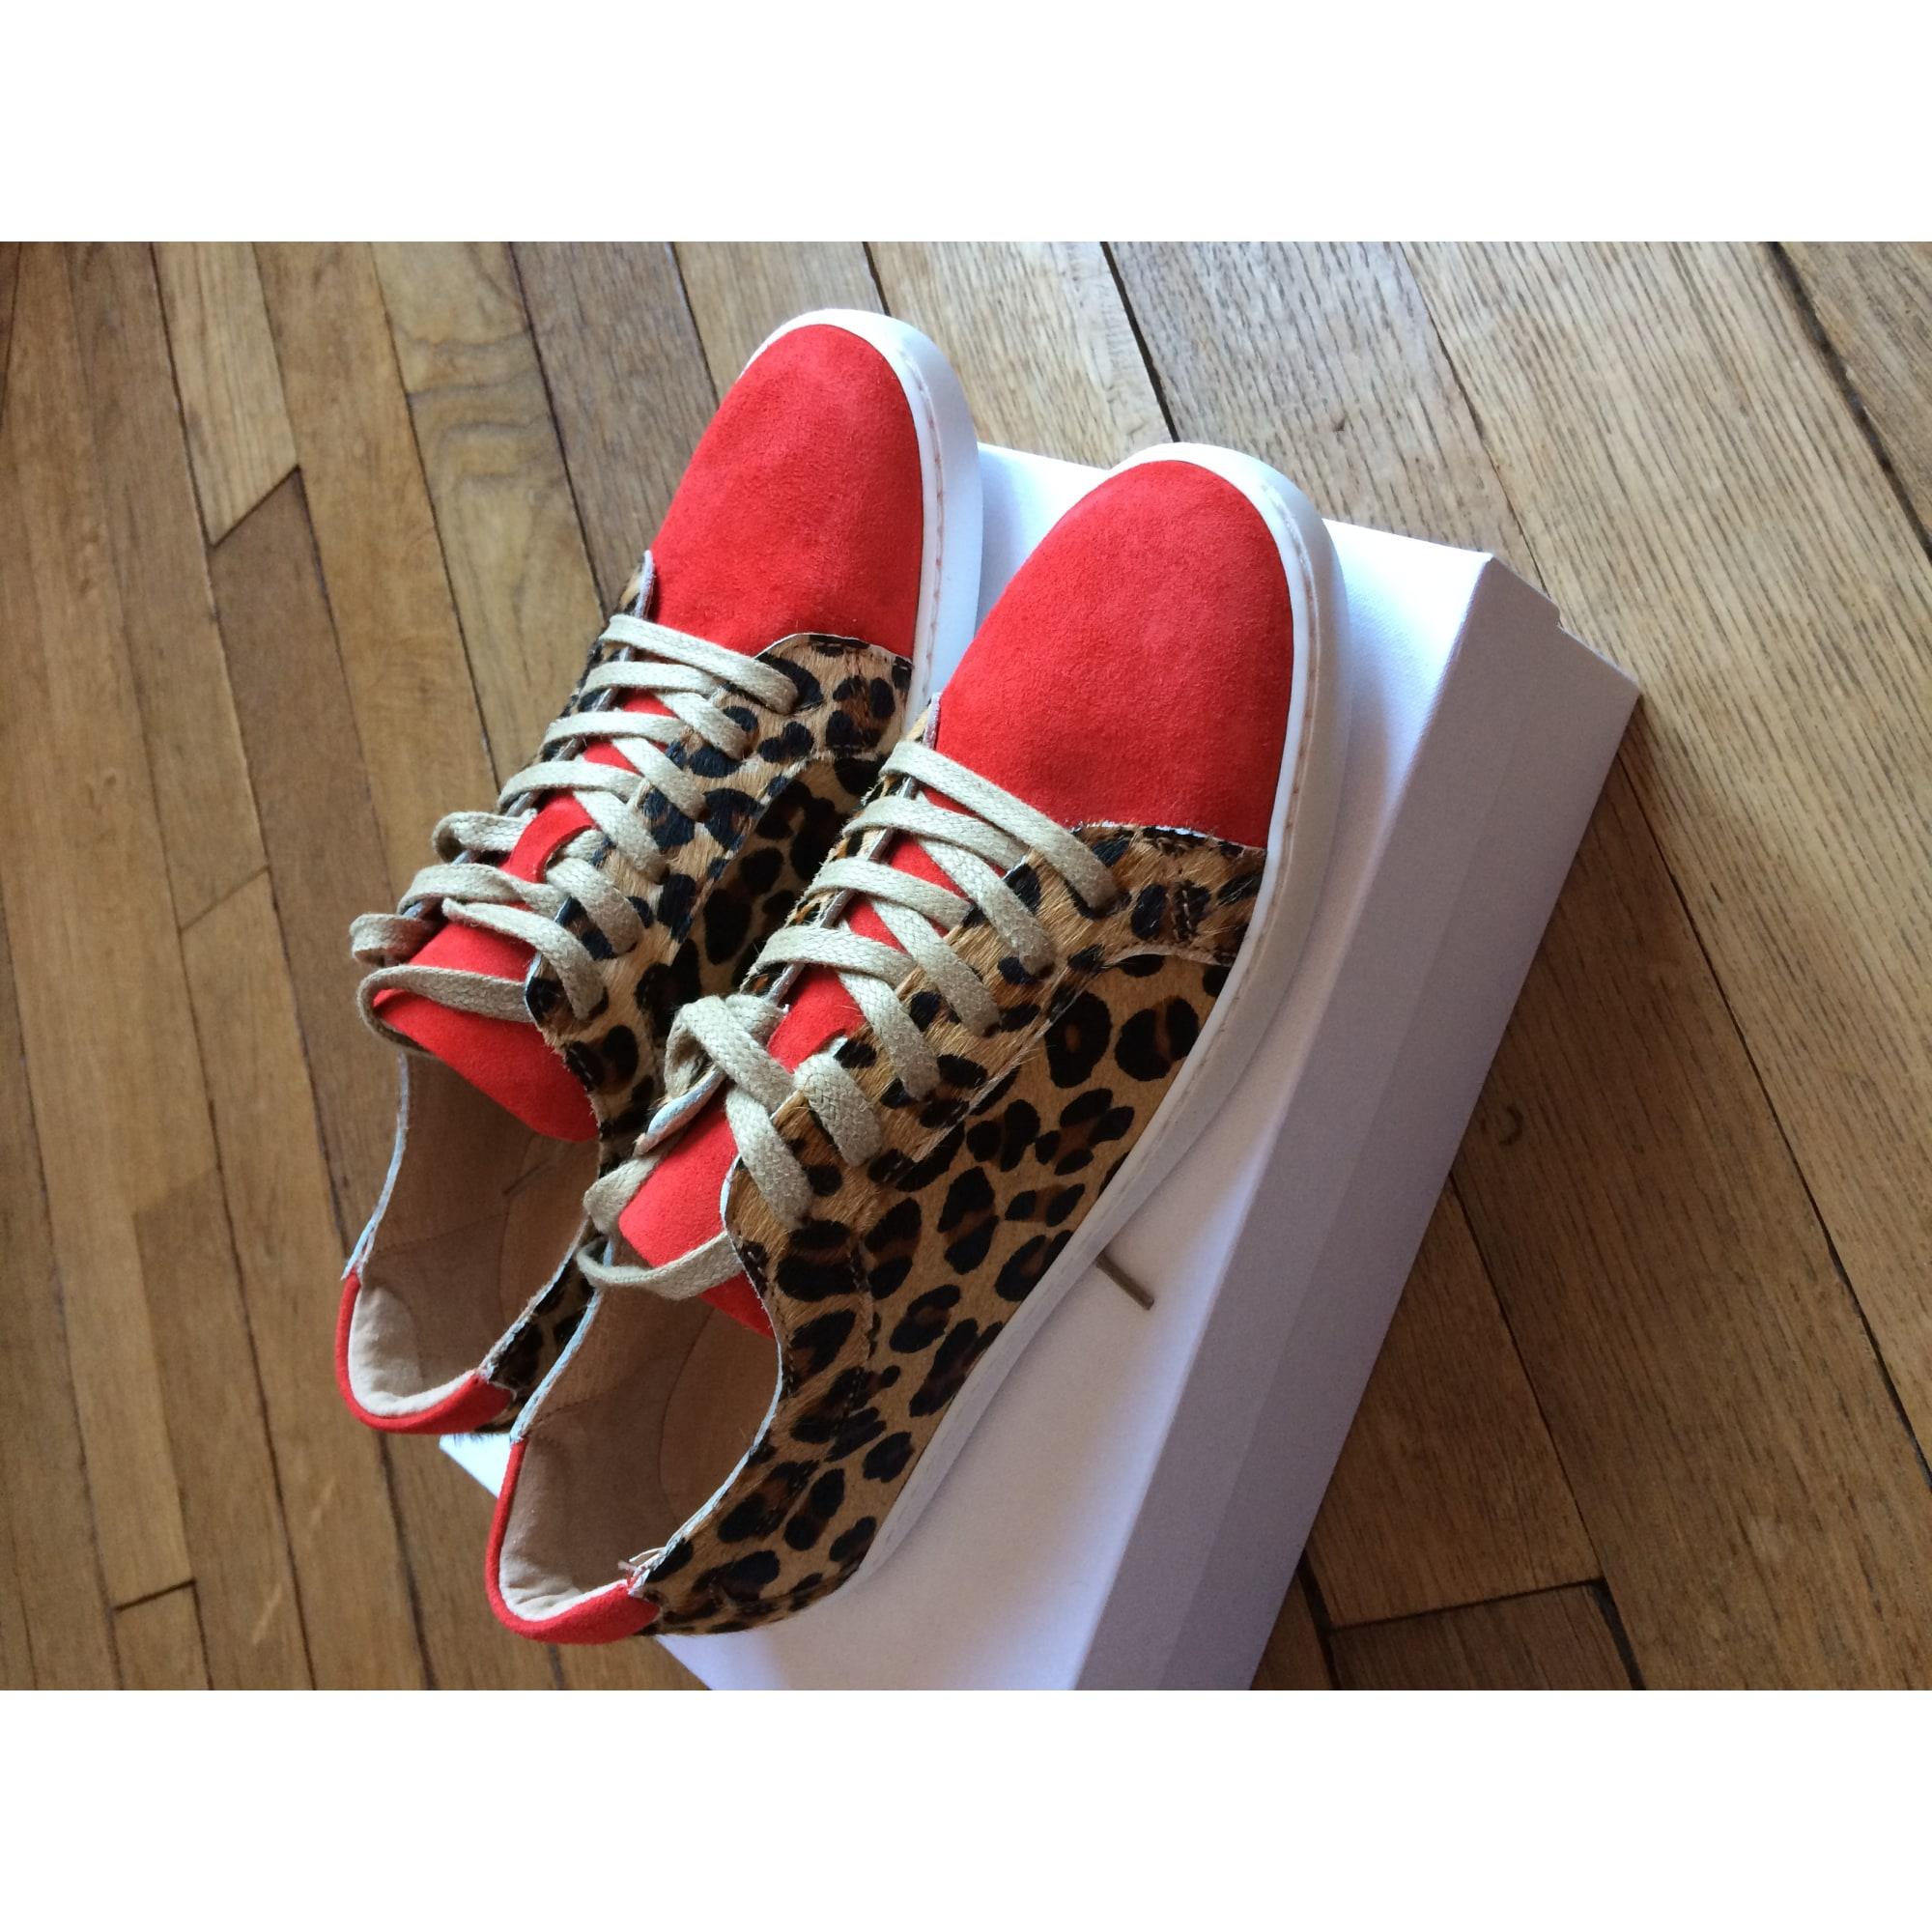 Chaussures d'occasion bottes et basket Aisne leboncoin